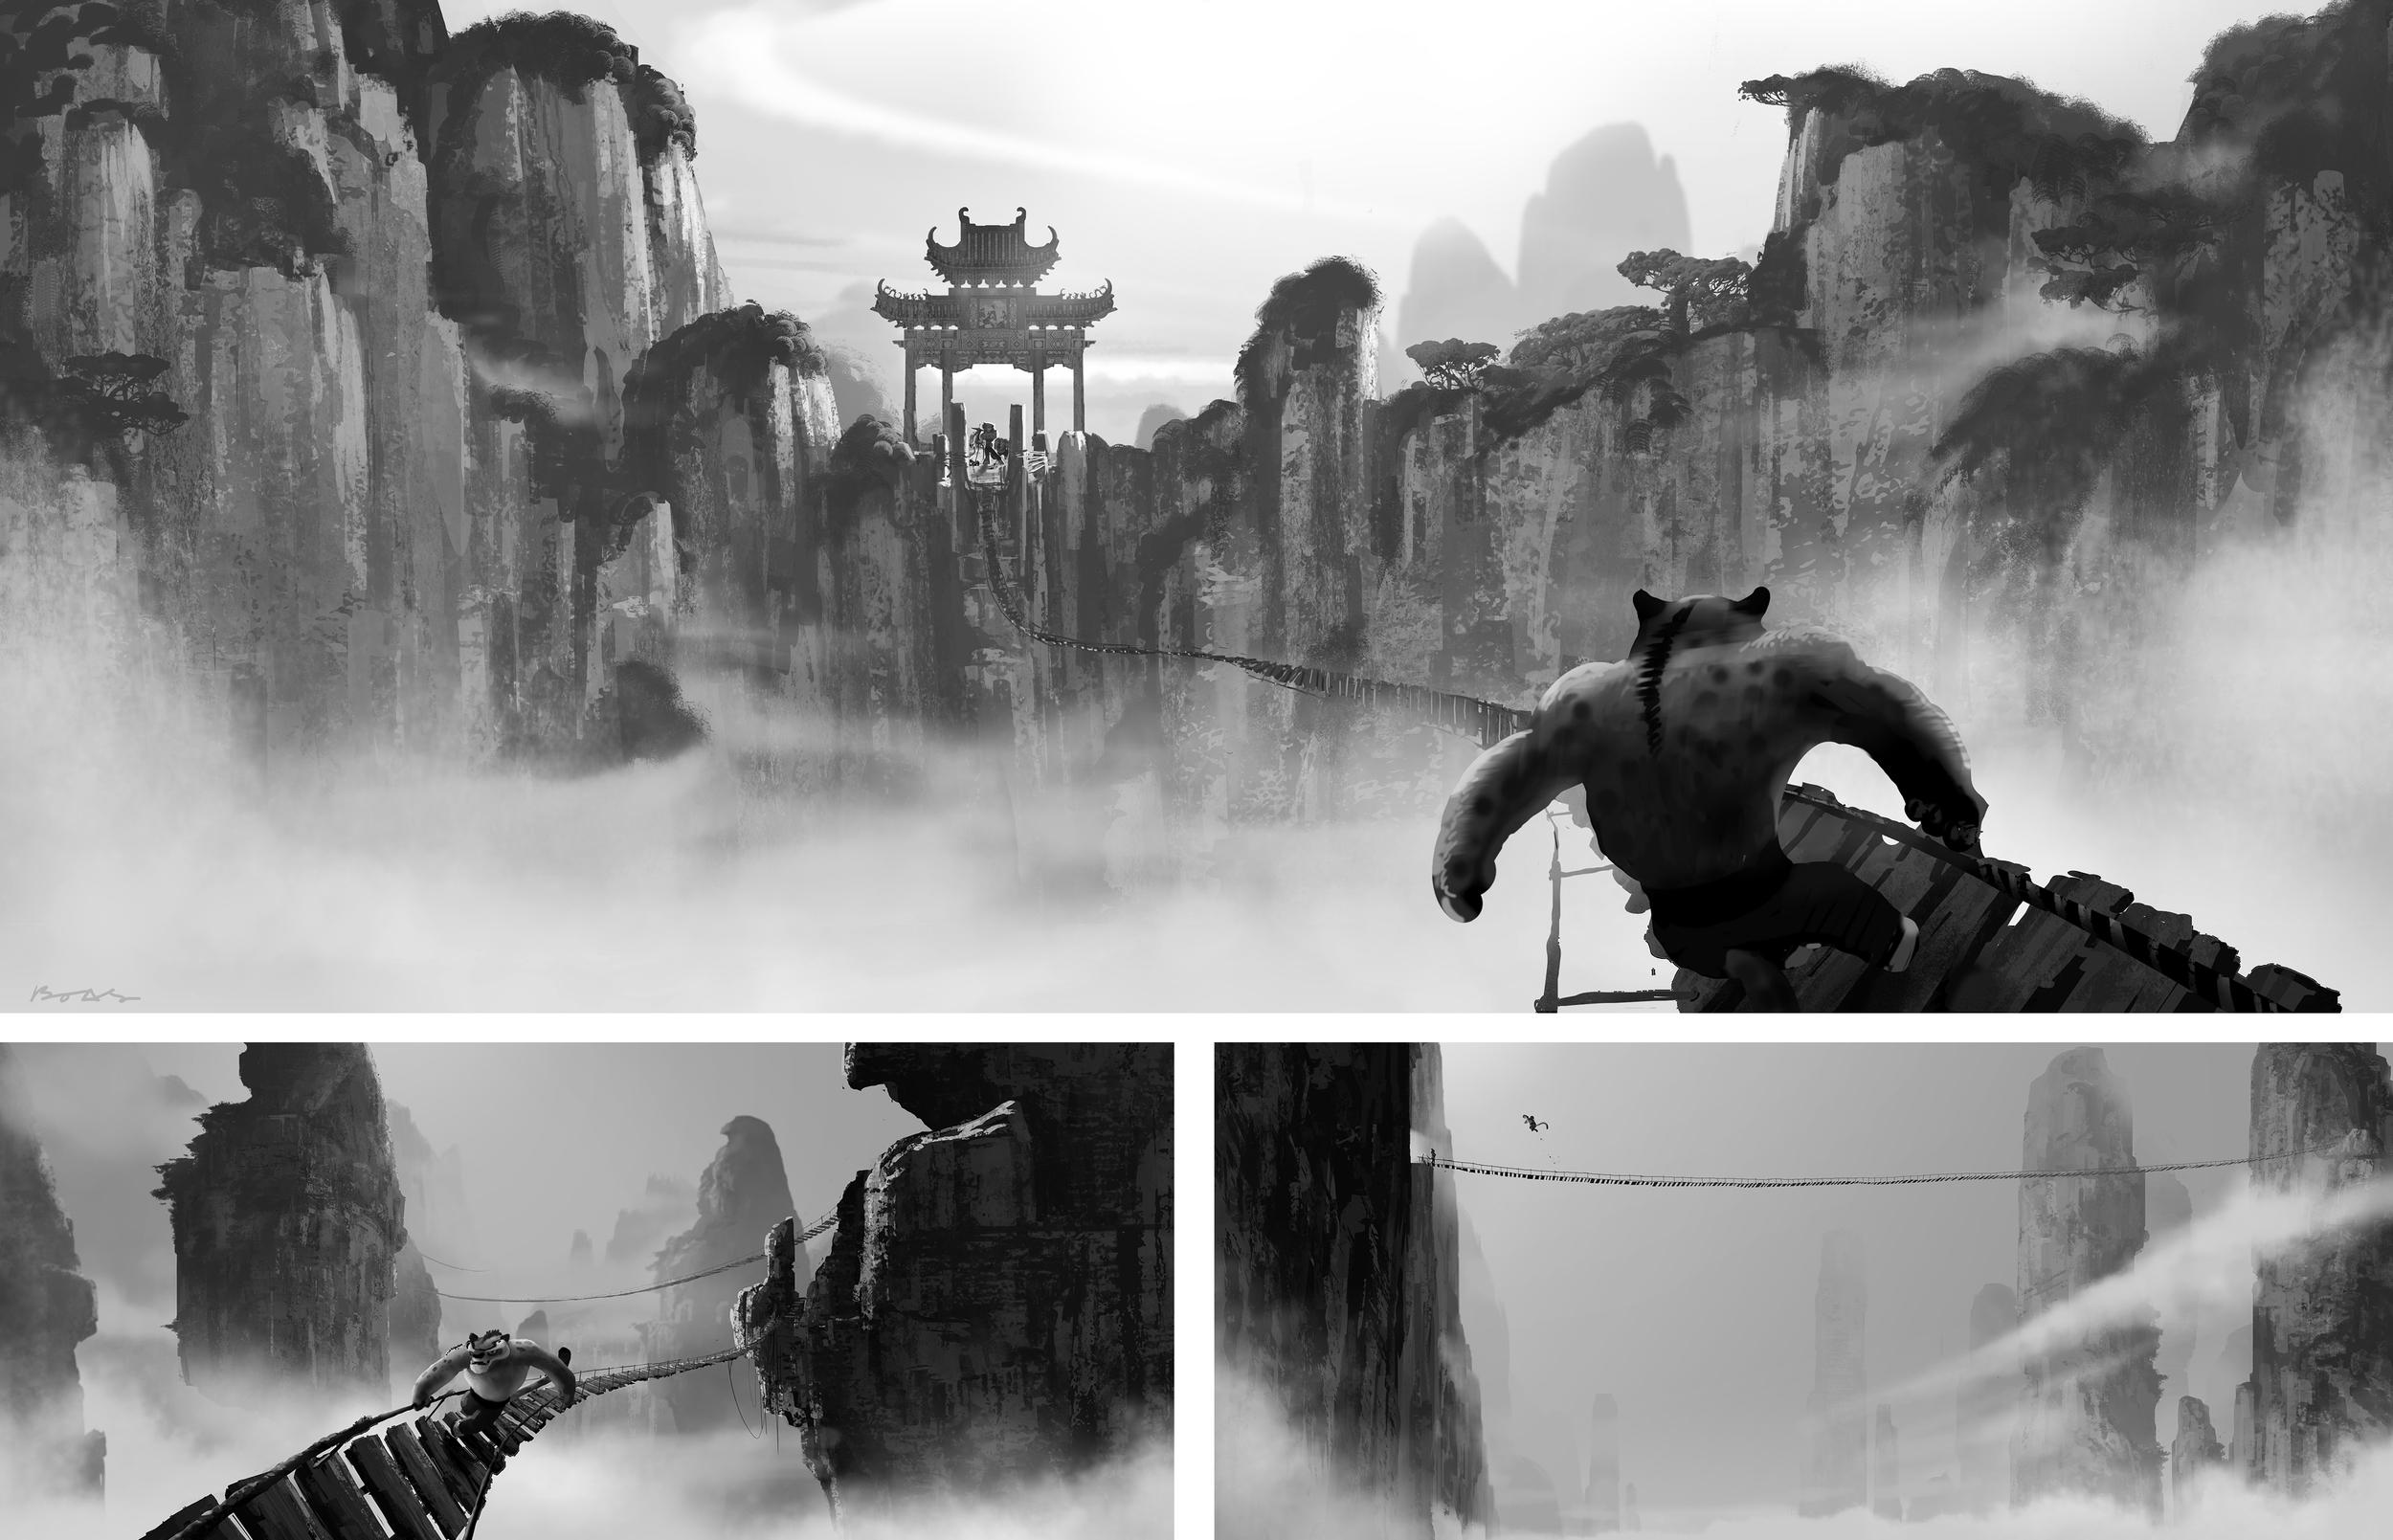 Kung Fu Panda, DWA Bridge set environment design